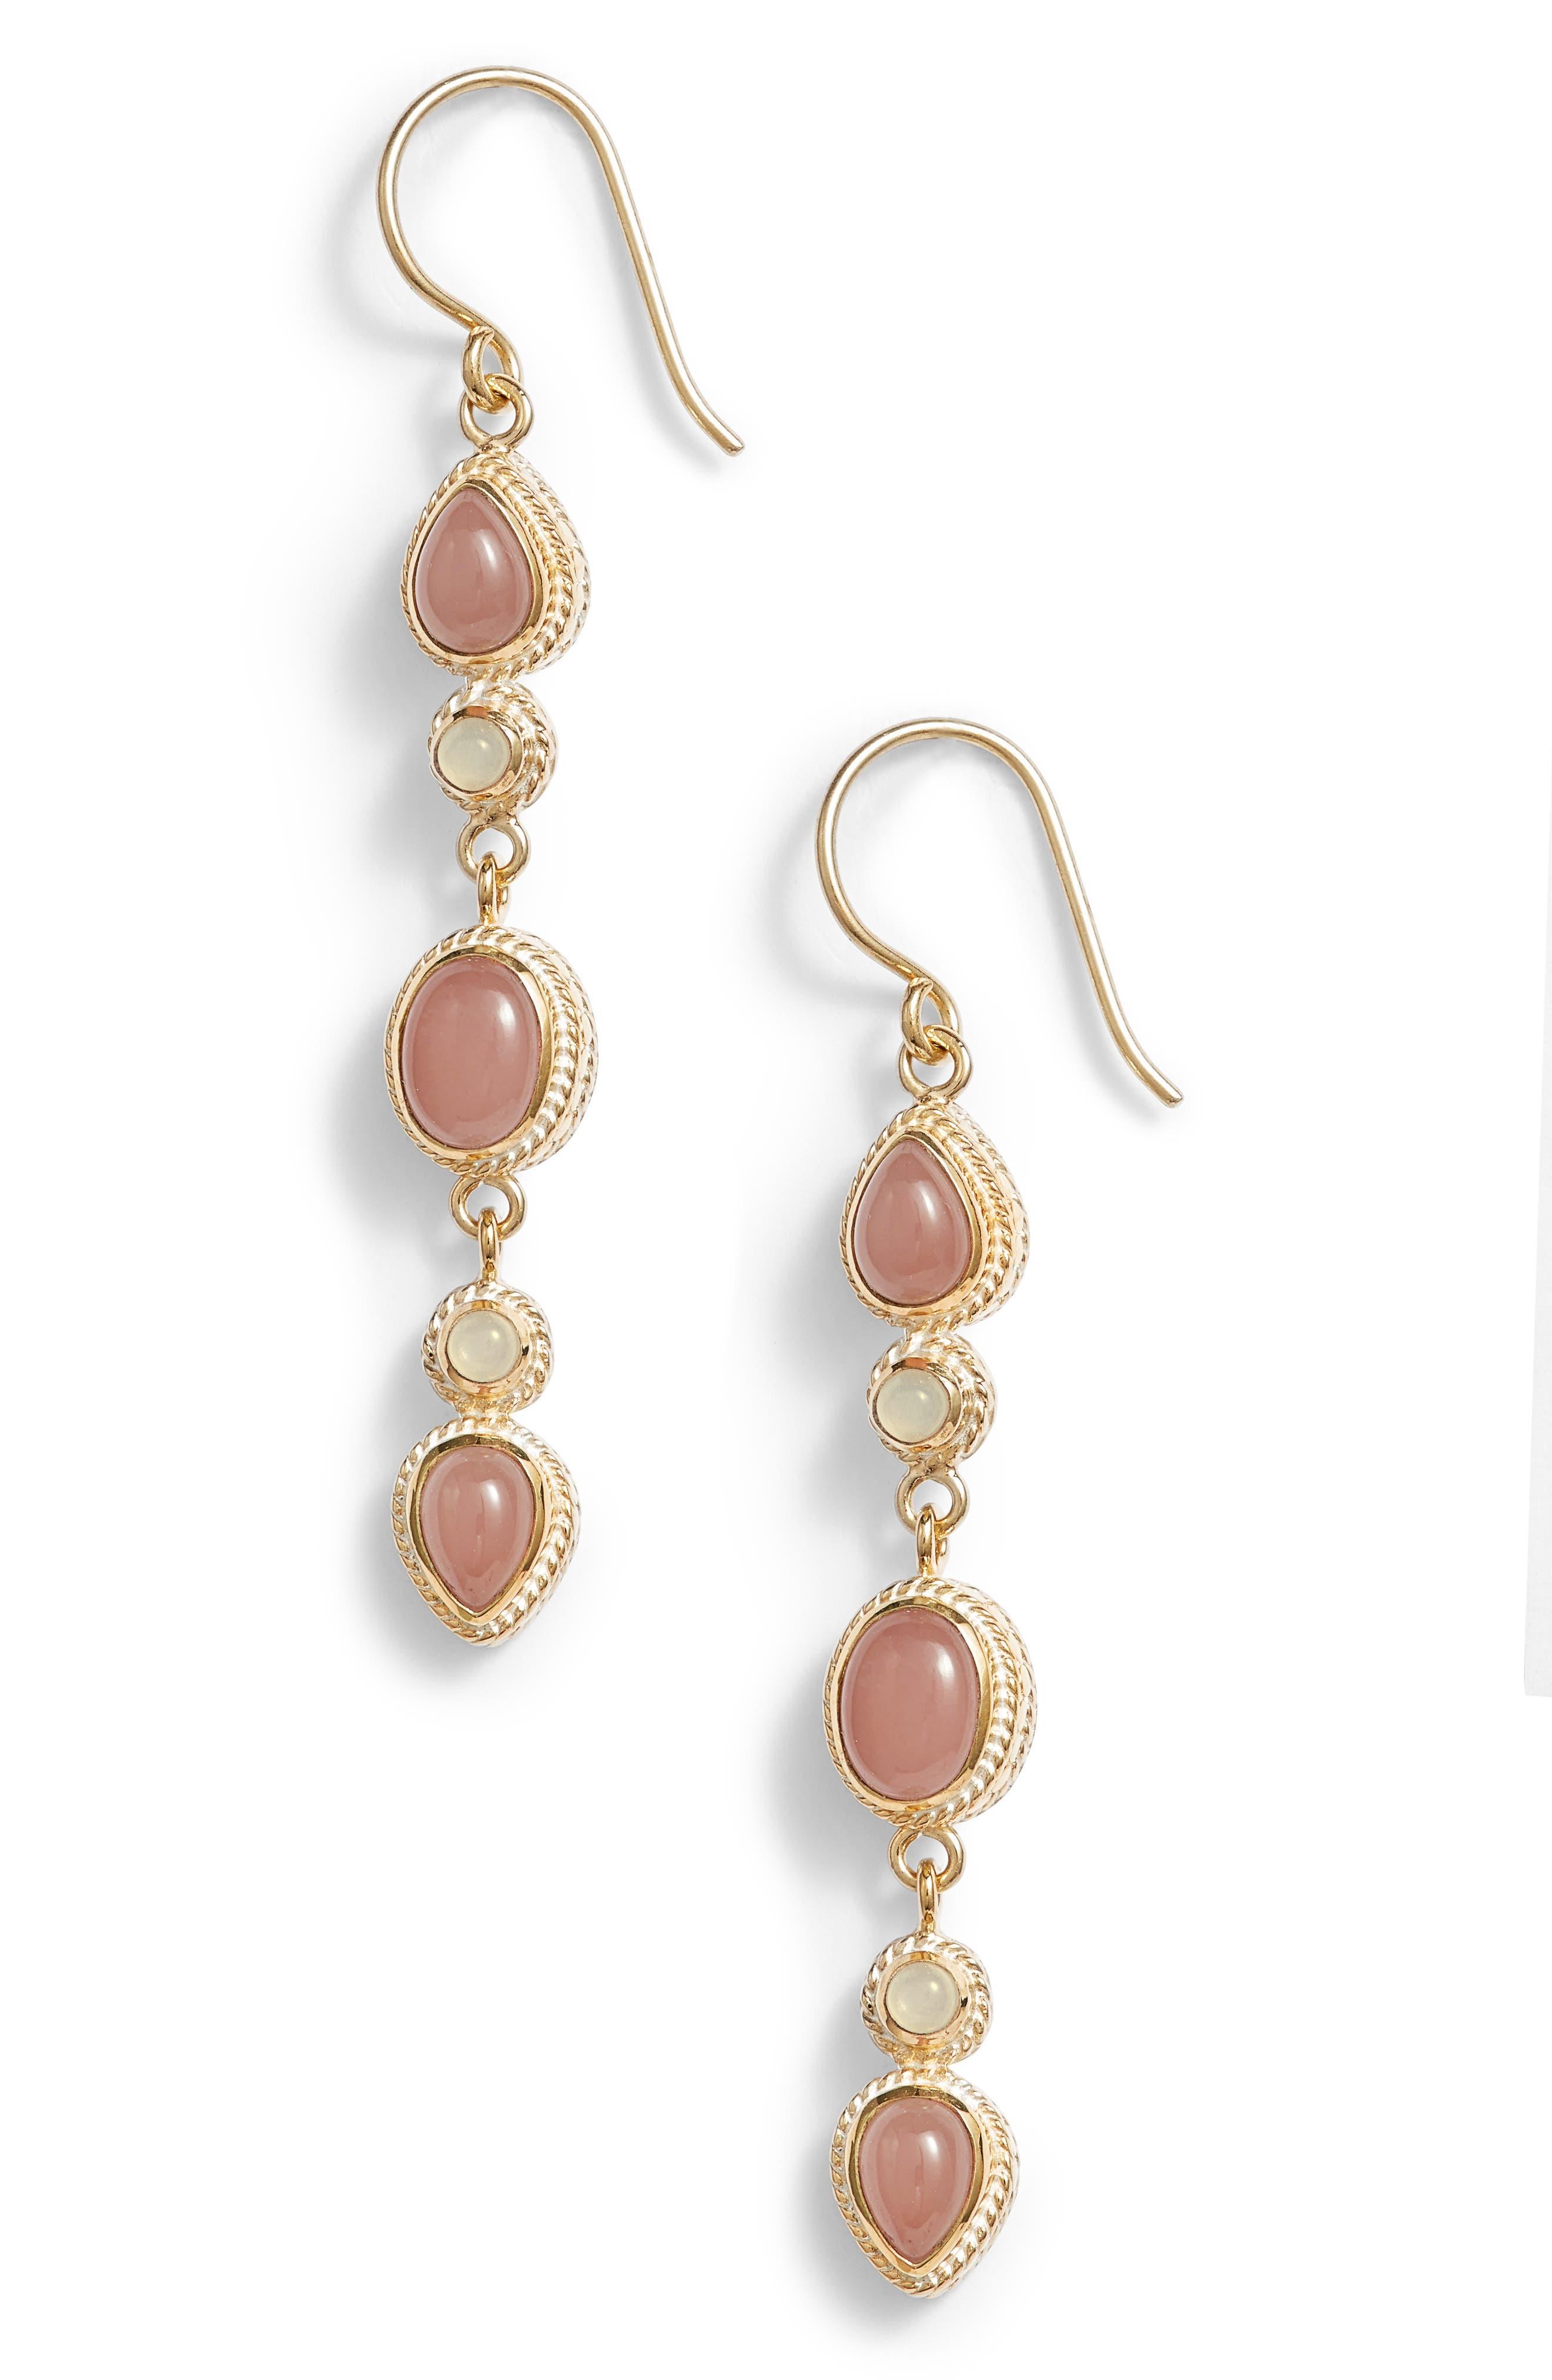 Guava Quartz & Moonstone Linear Drop Earrings,                         Main,                         color, Gold/ Guava/ Moonstone